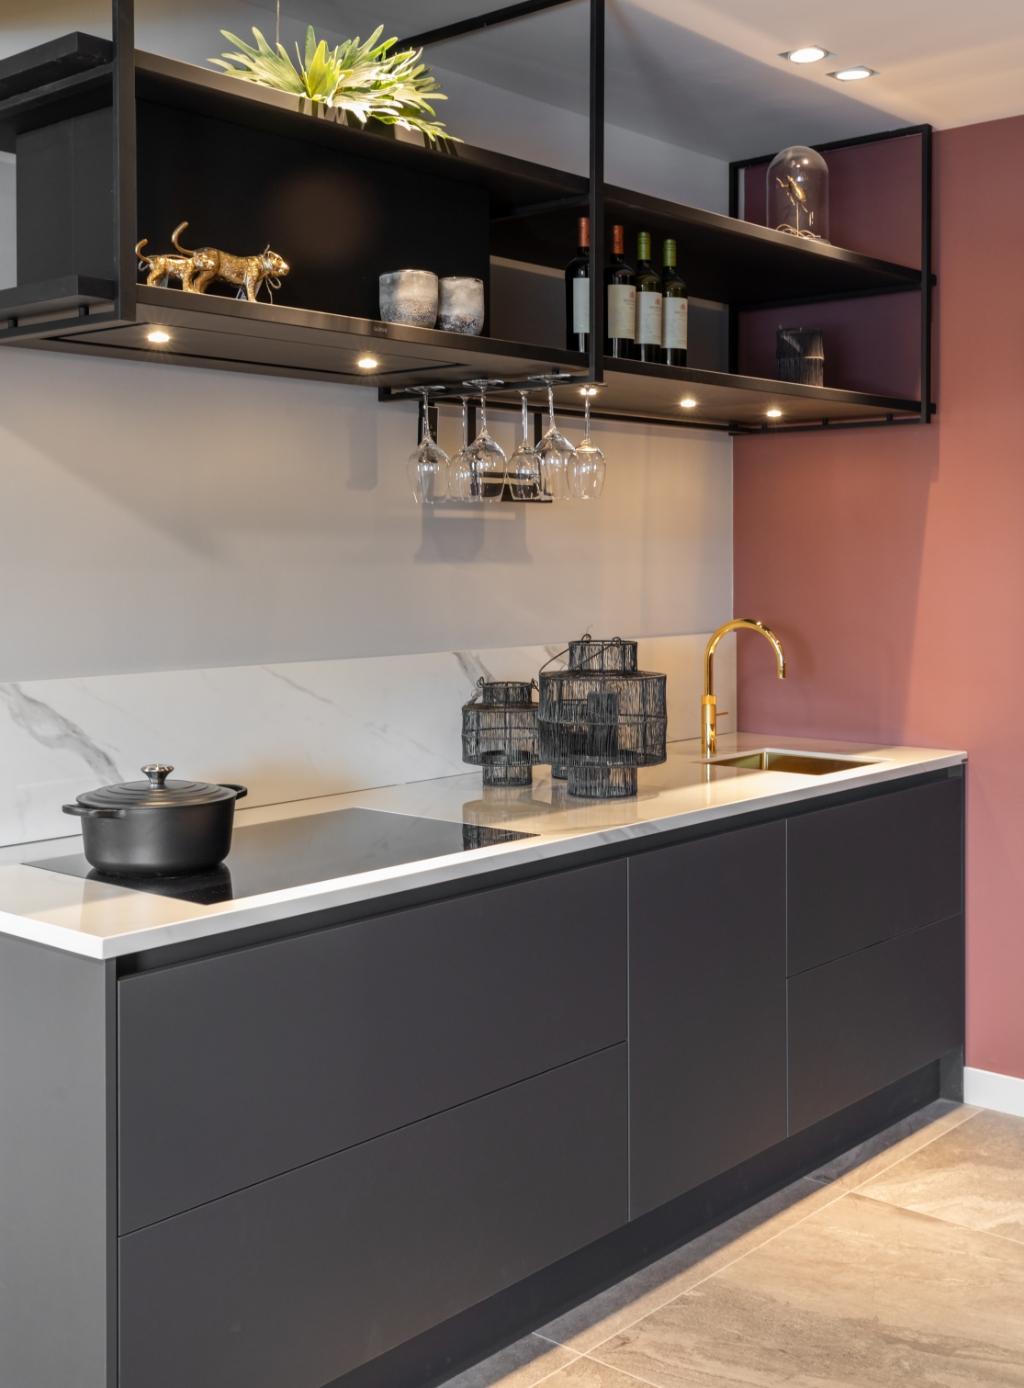 <p>Antracietkleurige greeploze keuken met marmerlook werkblad. Om de keuken een eigentijds stempel te geven is gekozen voor een opvallende goudkleurige Quooker.</p> Nanette de Jong Fotografie © BDU media